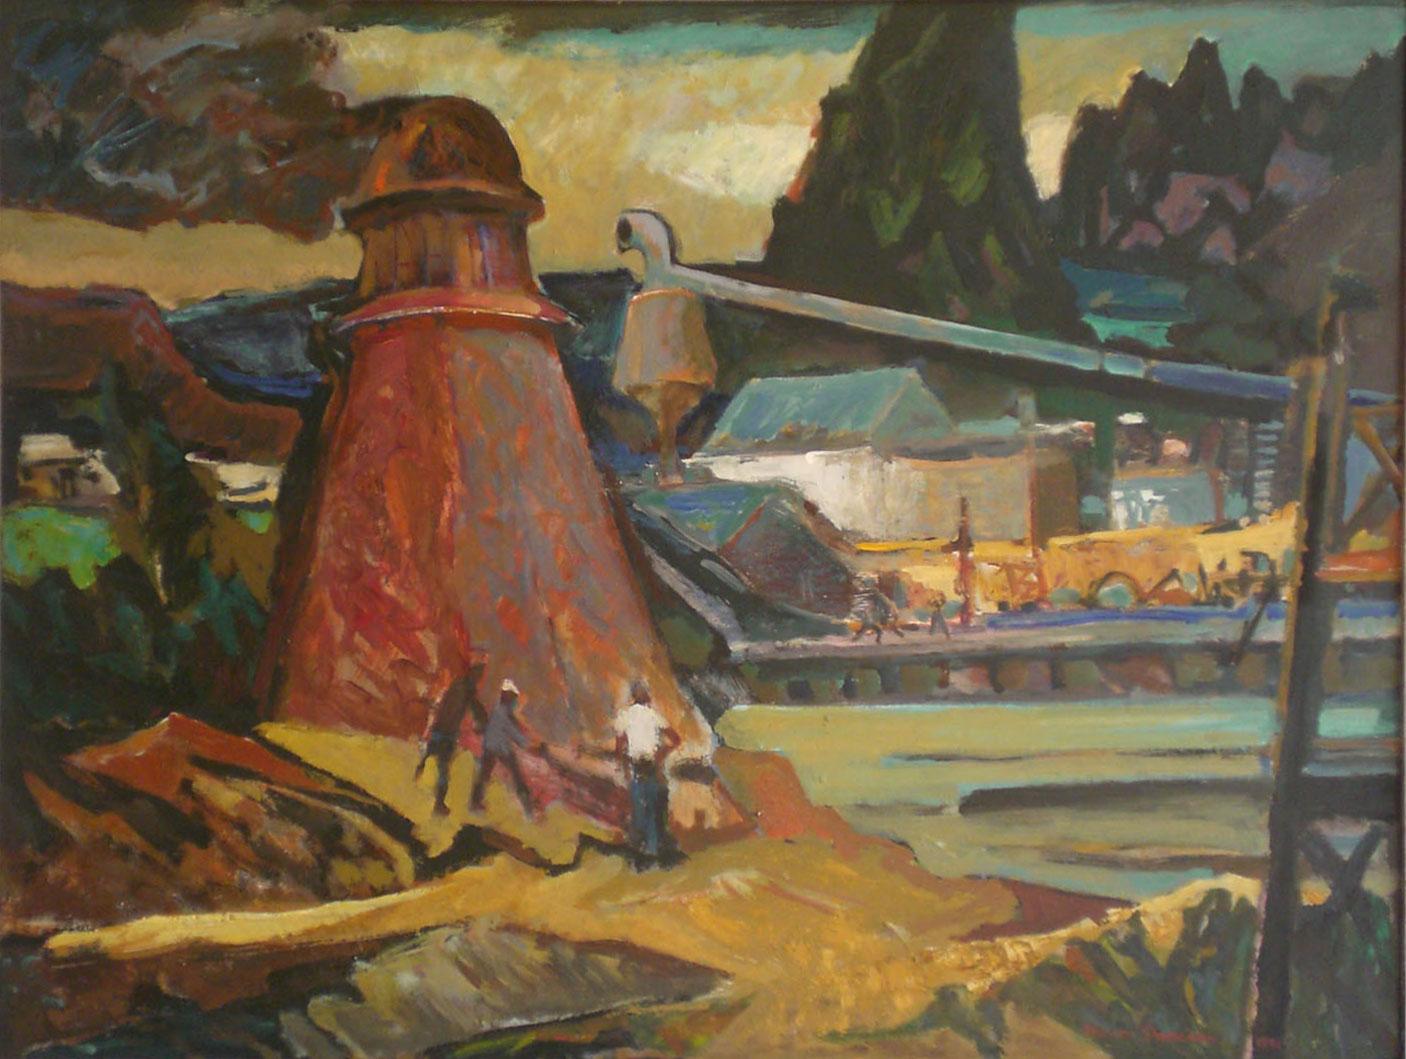 Mill at Wren,  oil, 51x39 $4,500  Nelson Sandgren